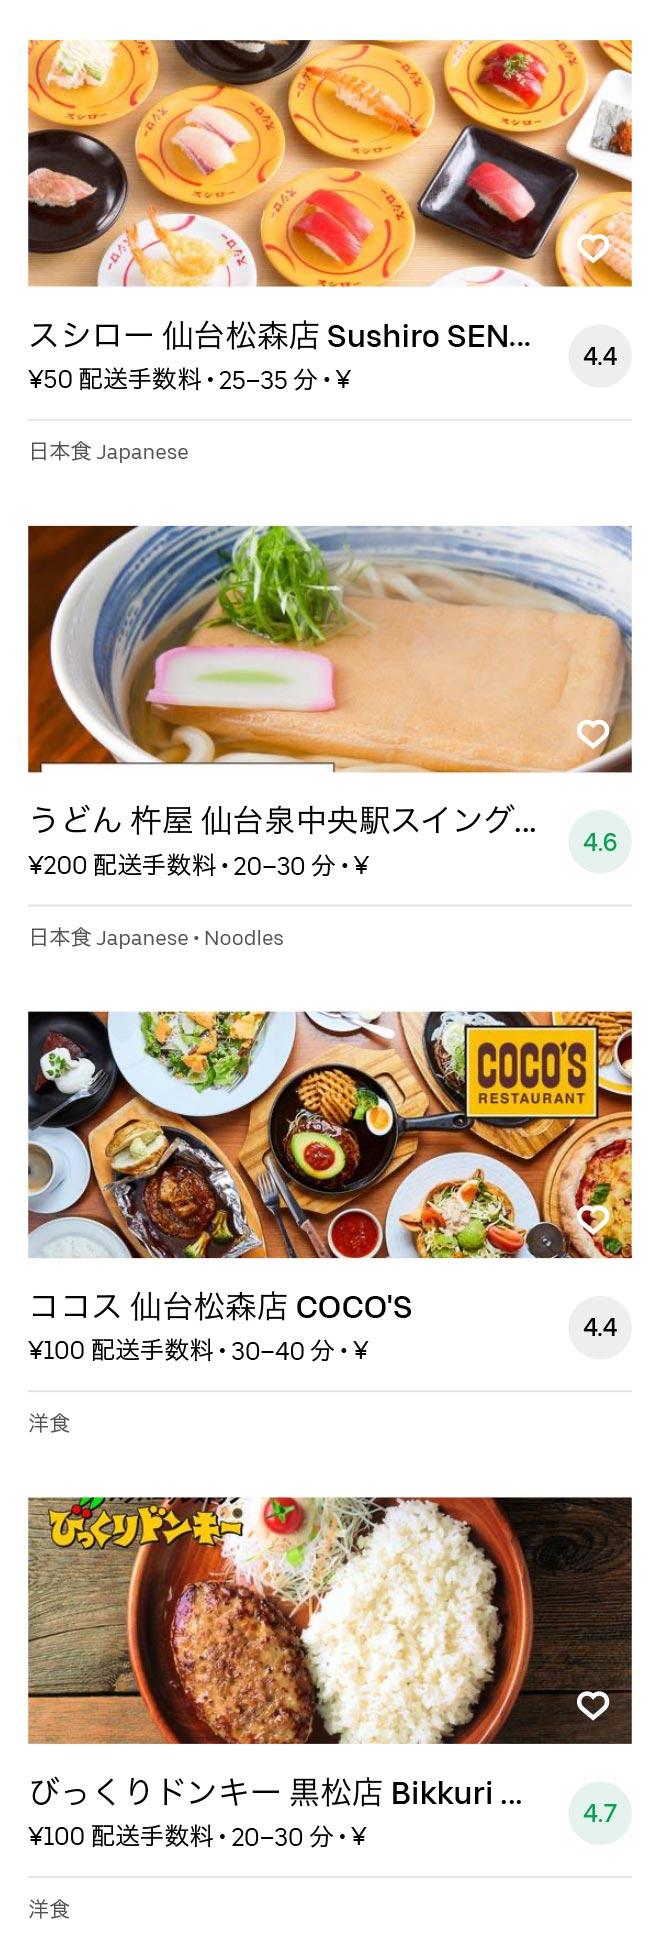 Yaotome menu 2008 06